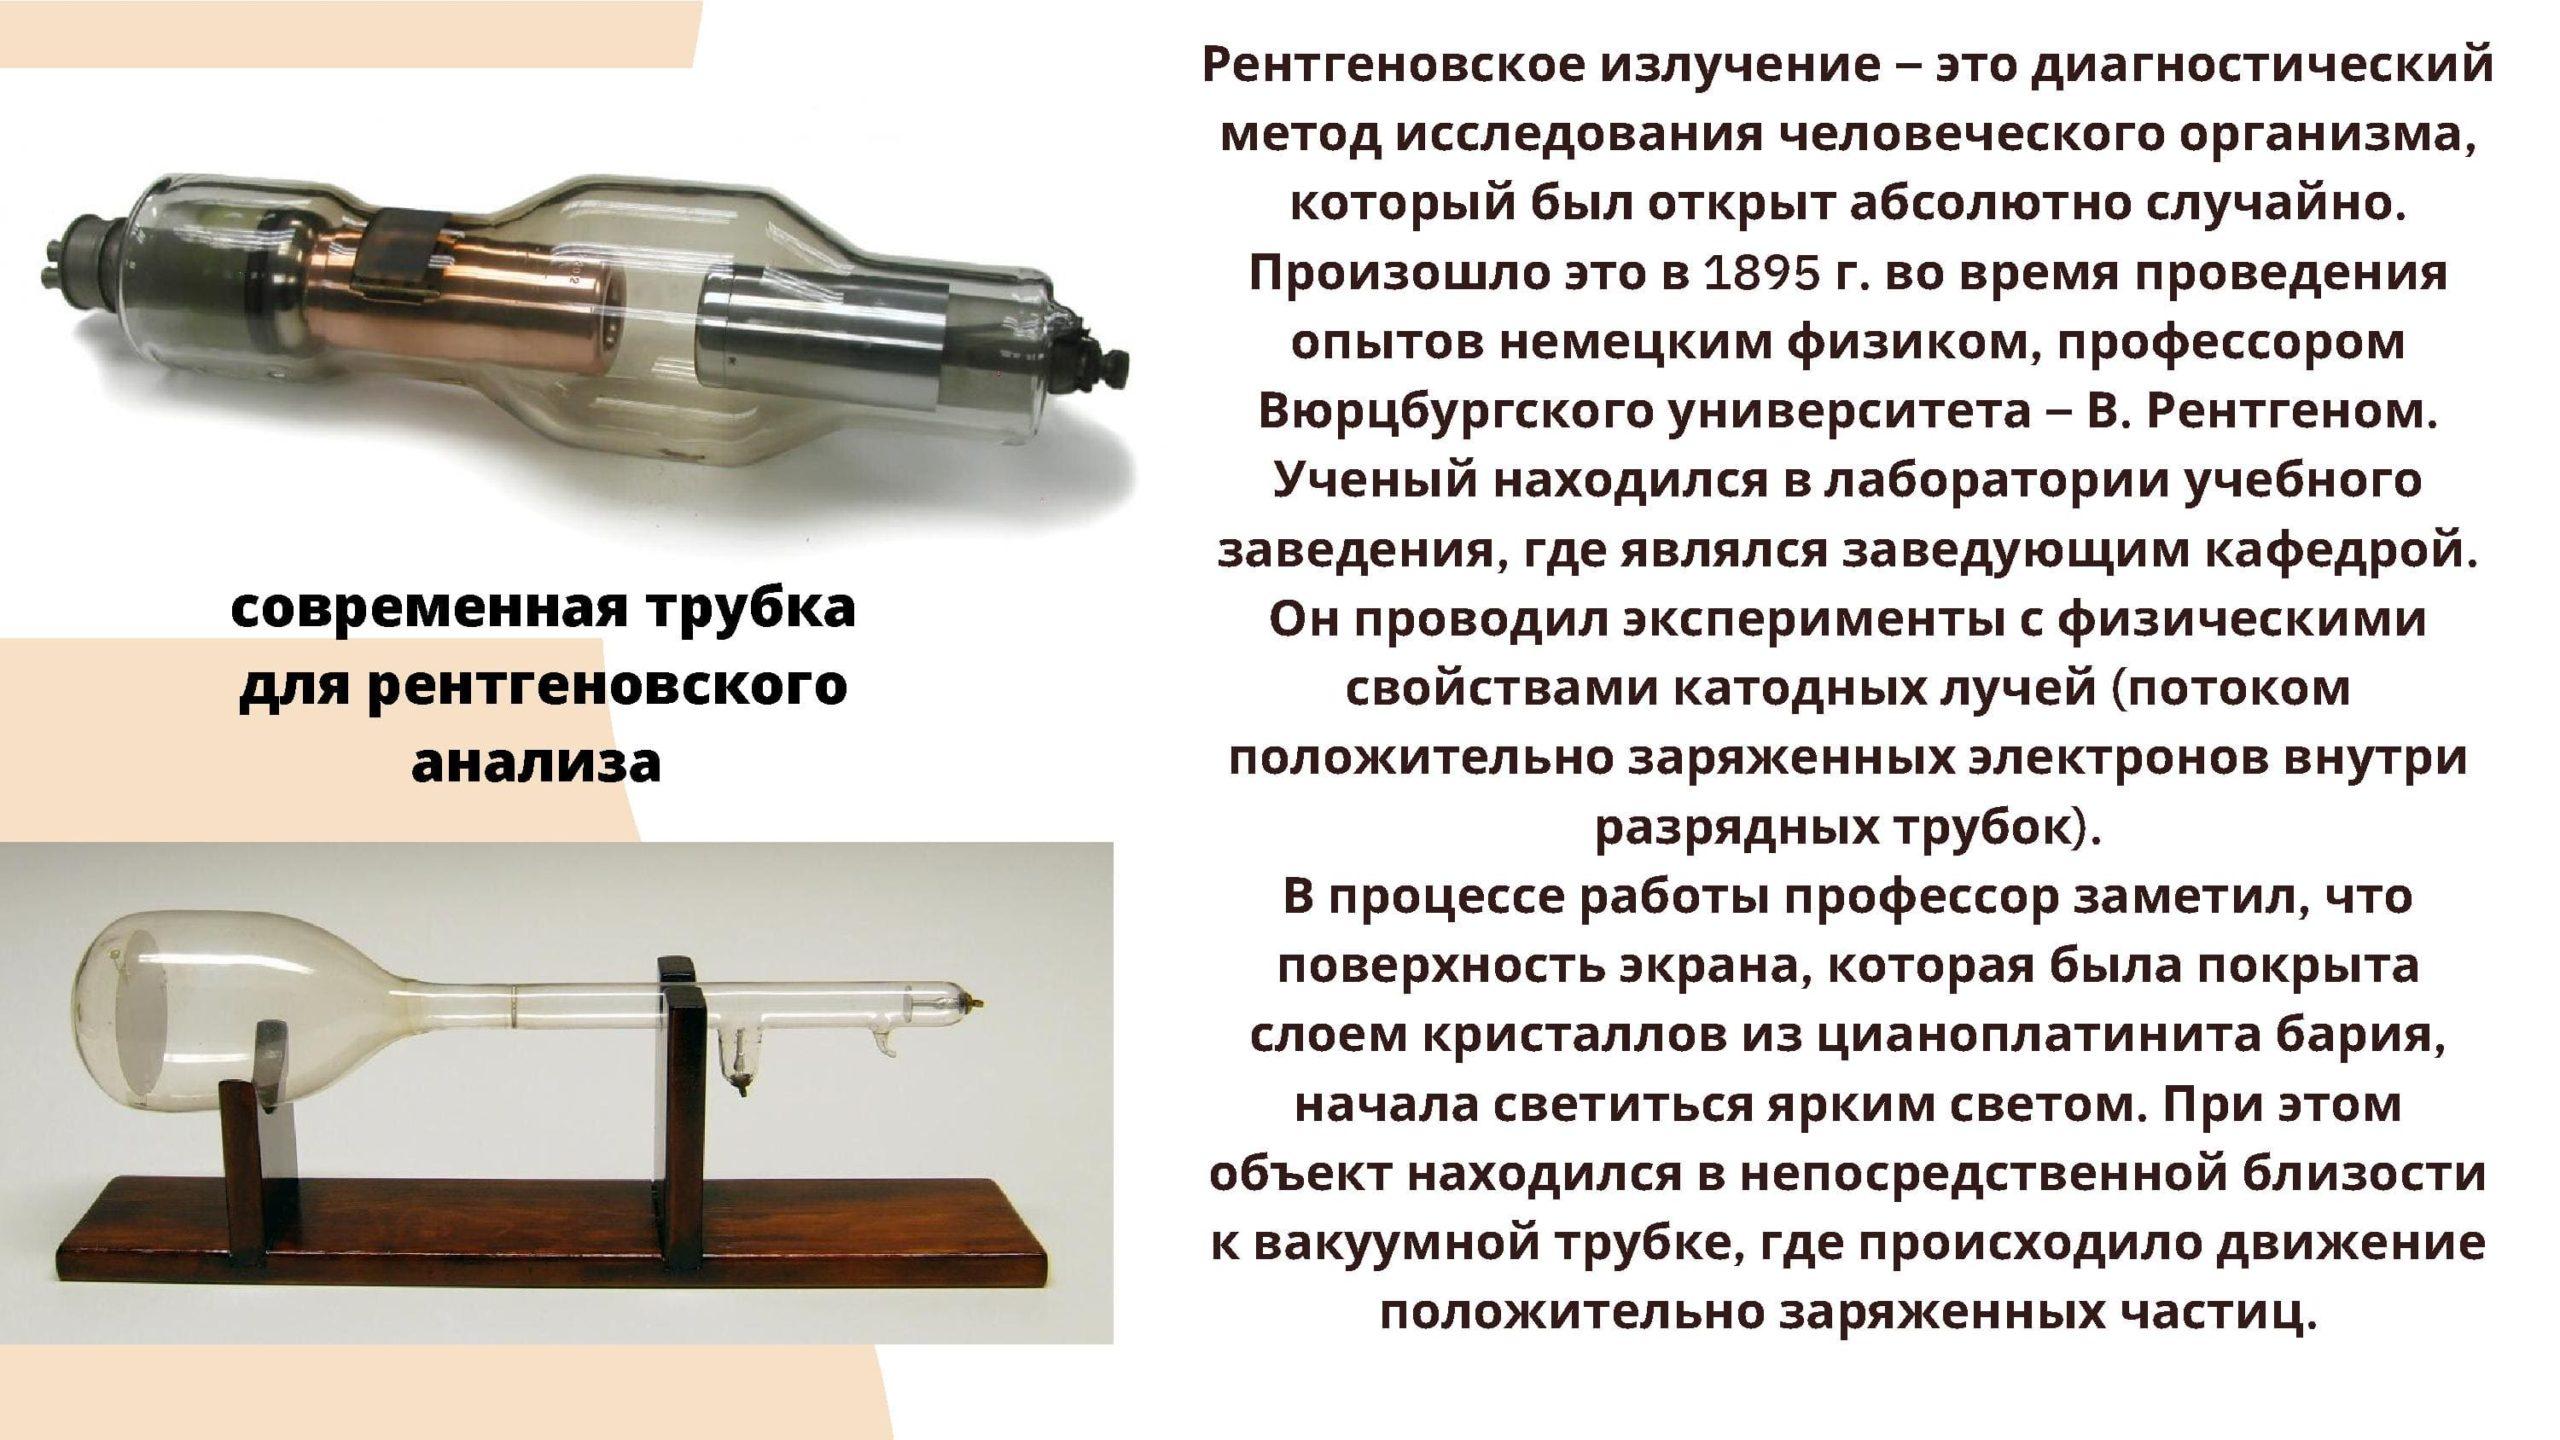 Рентгеновское излучение. Трубка для рентгеновского анализа